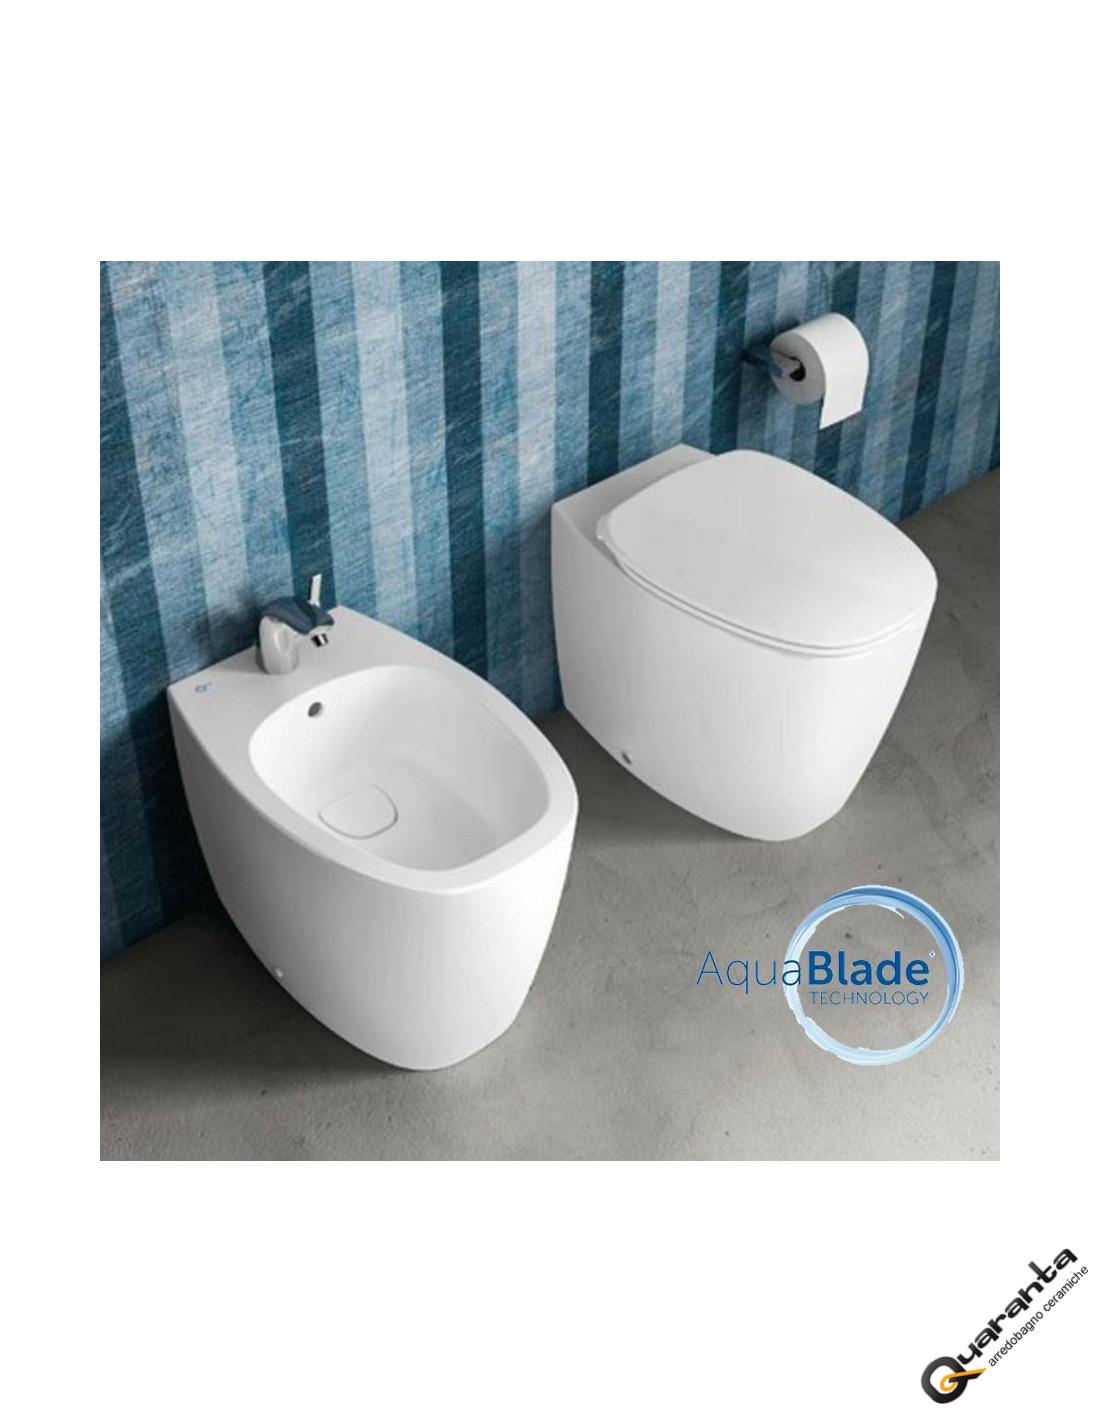 dea - sanitari filo muro - ideal standard -quaranta ceramiche srl